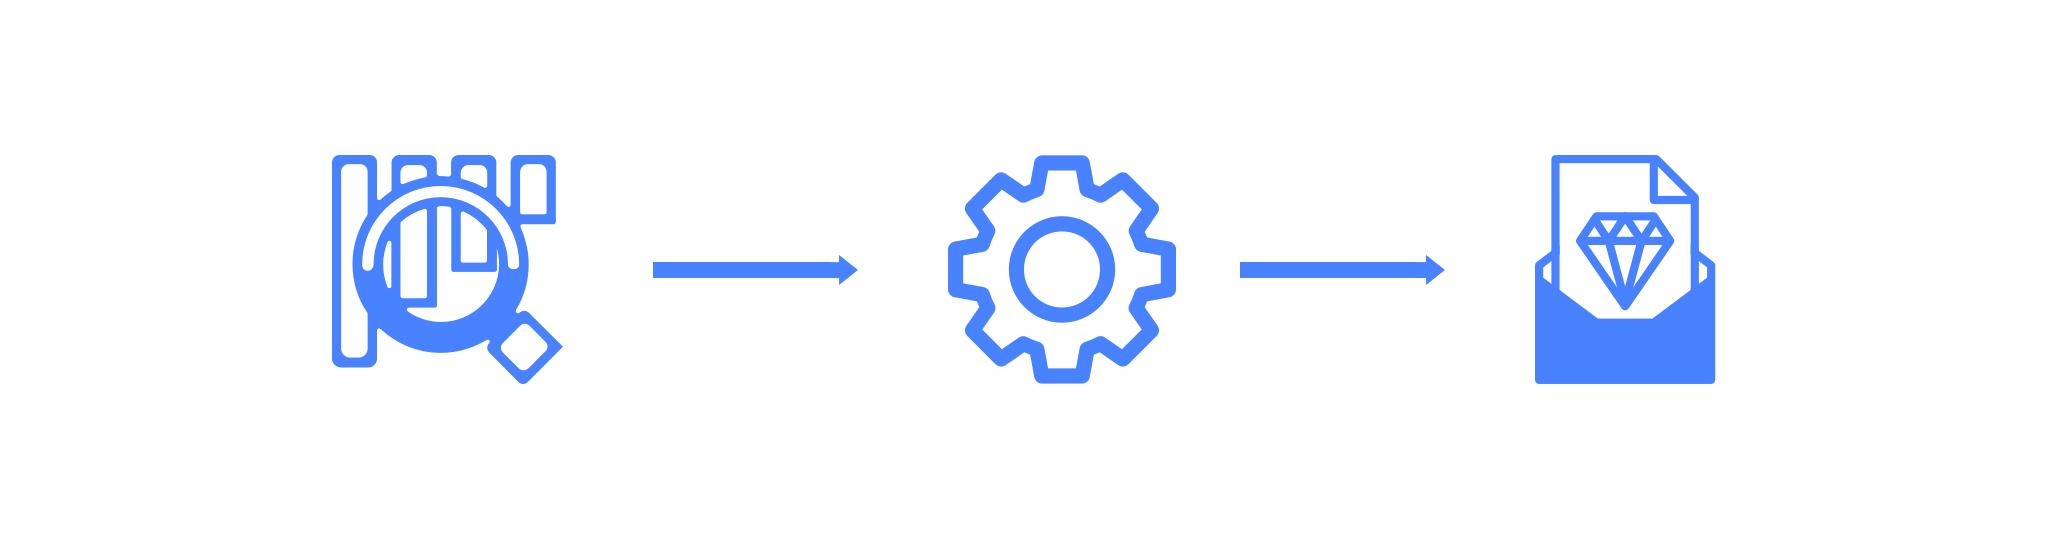 Этапы работы над дизайном iOS-приложения